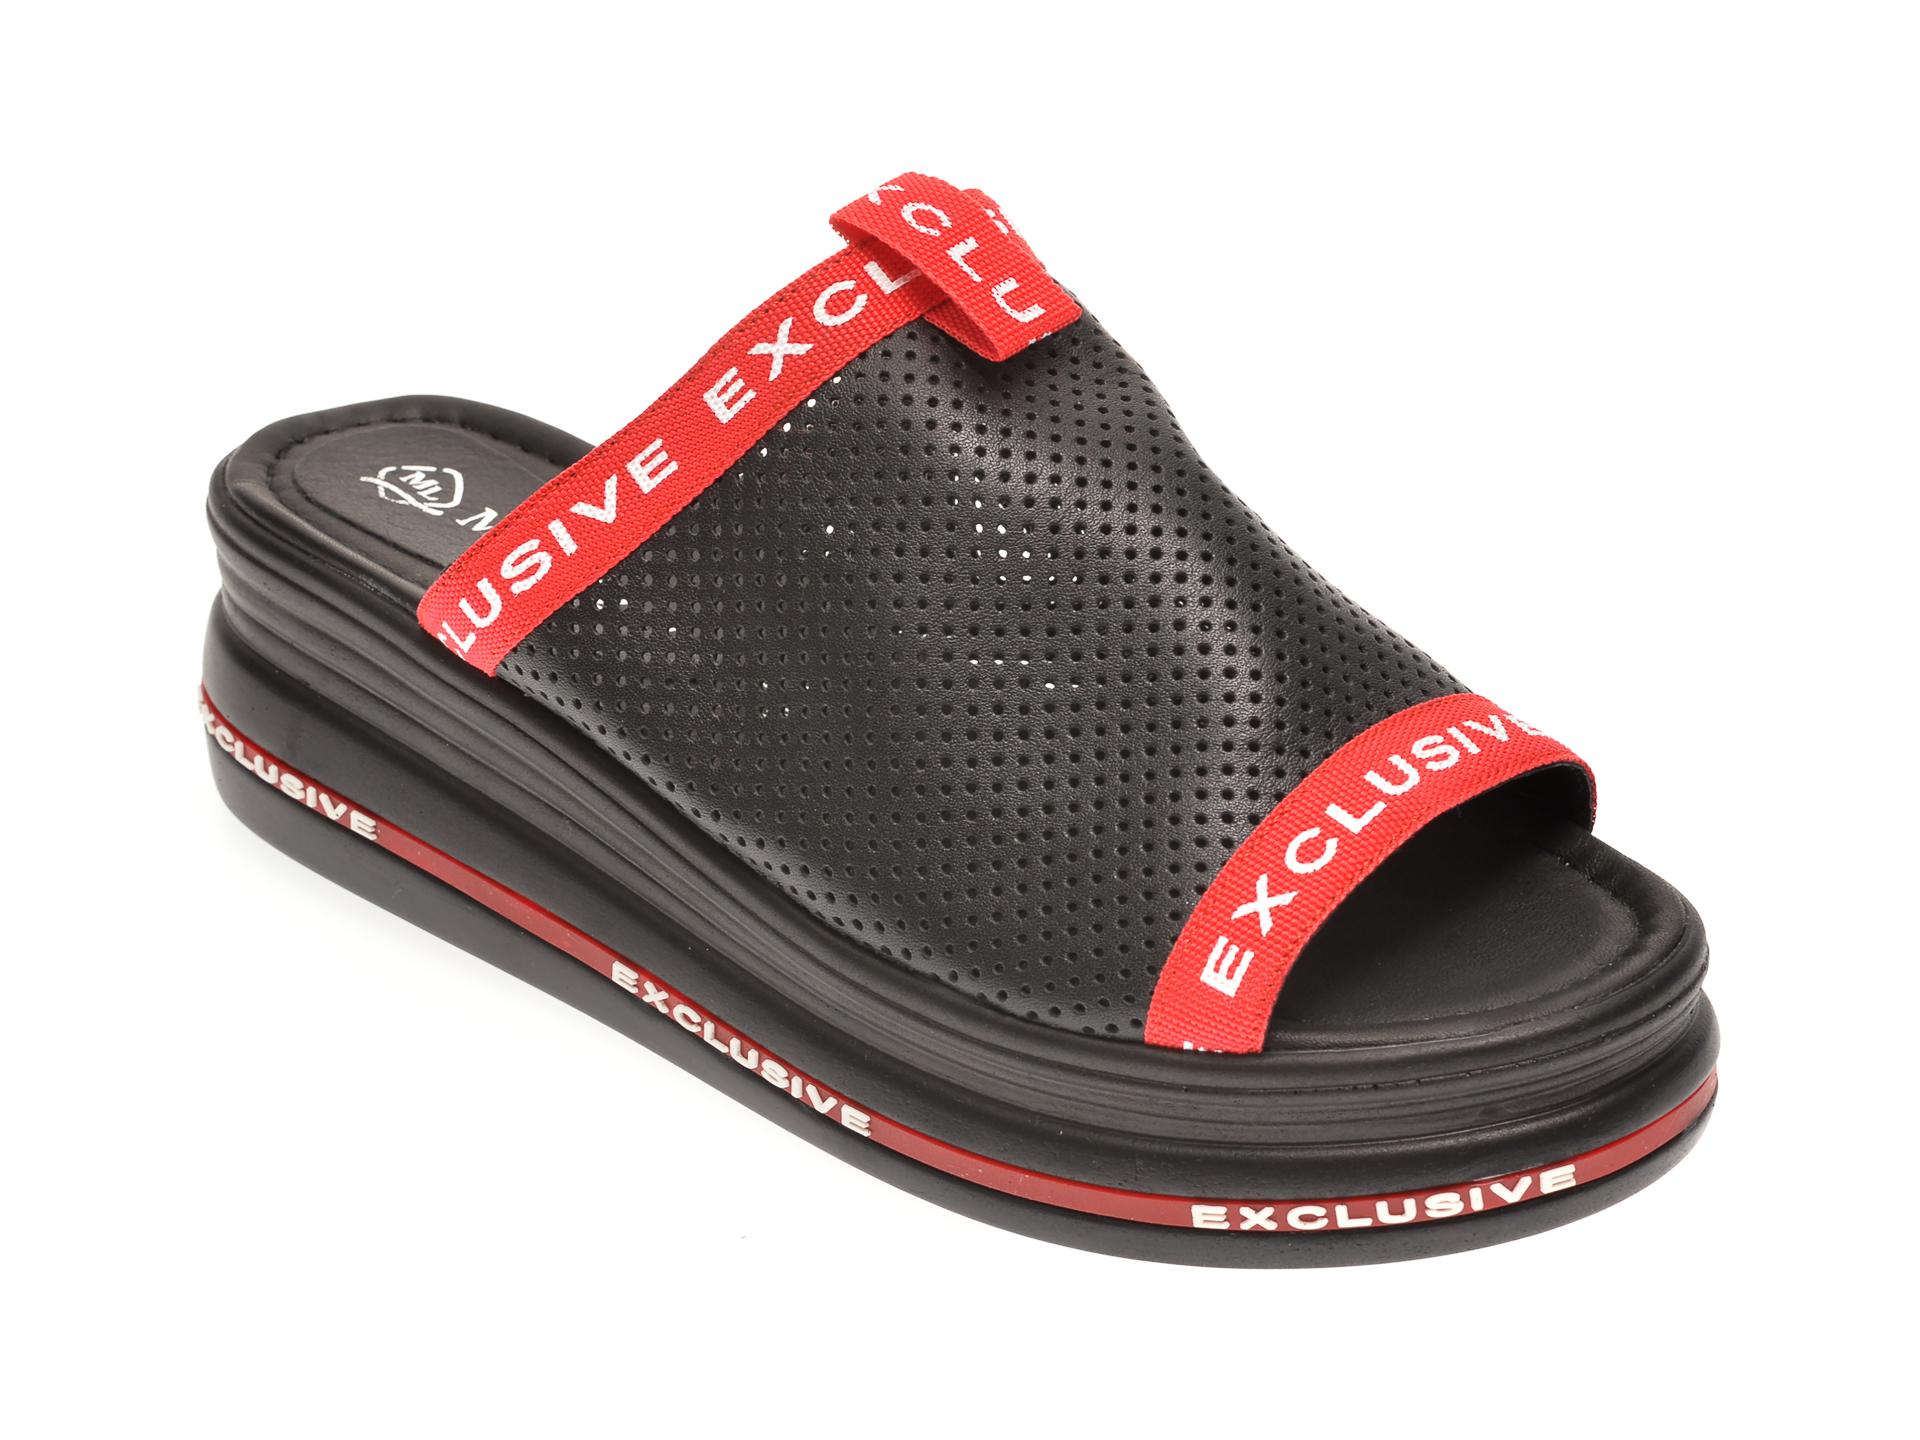 Papuci MISS LIZA negri, 1182290, din piele naturala imagine